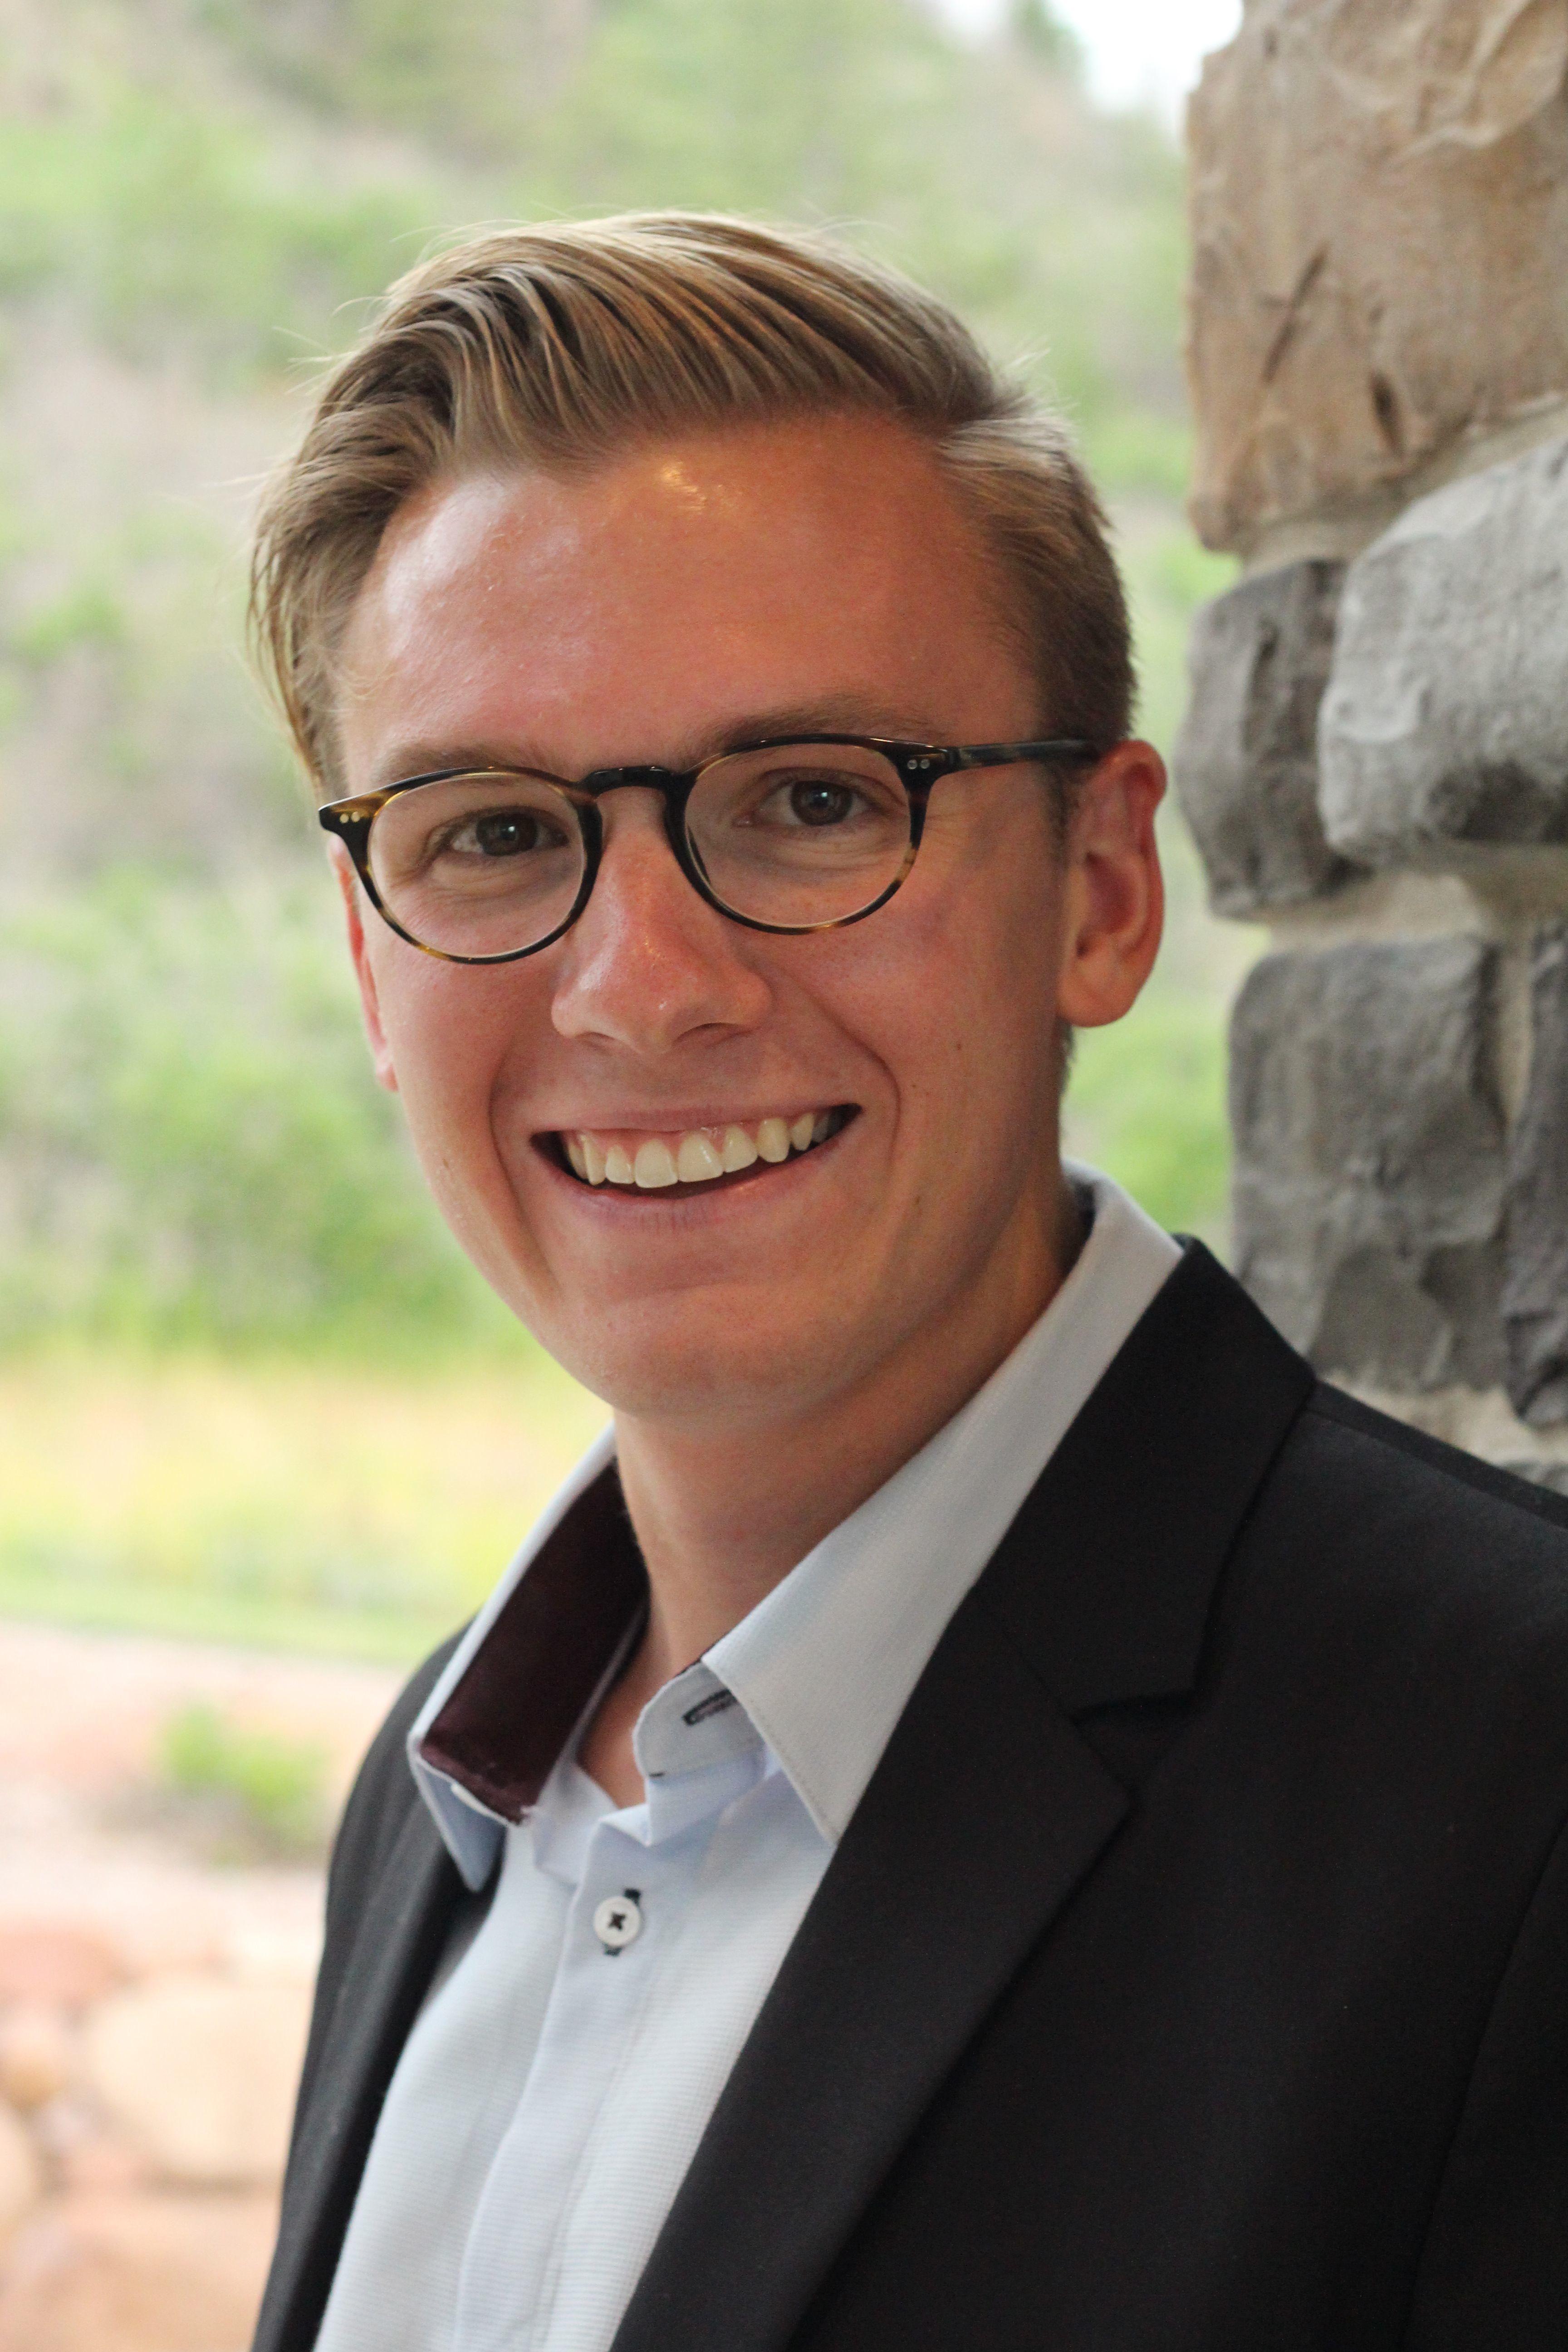 Garrett Gatlin